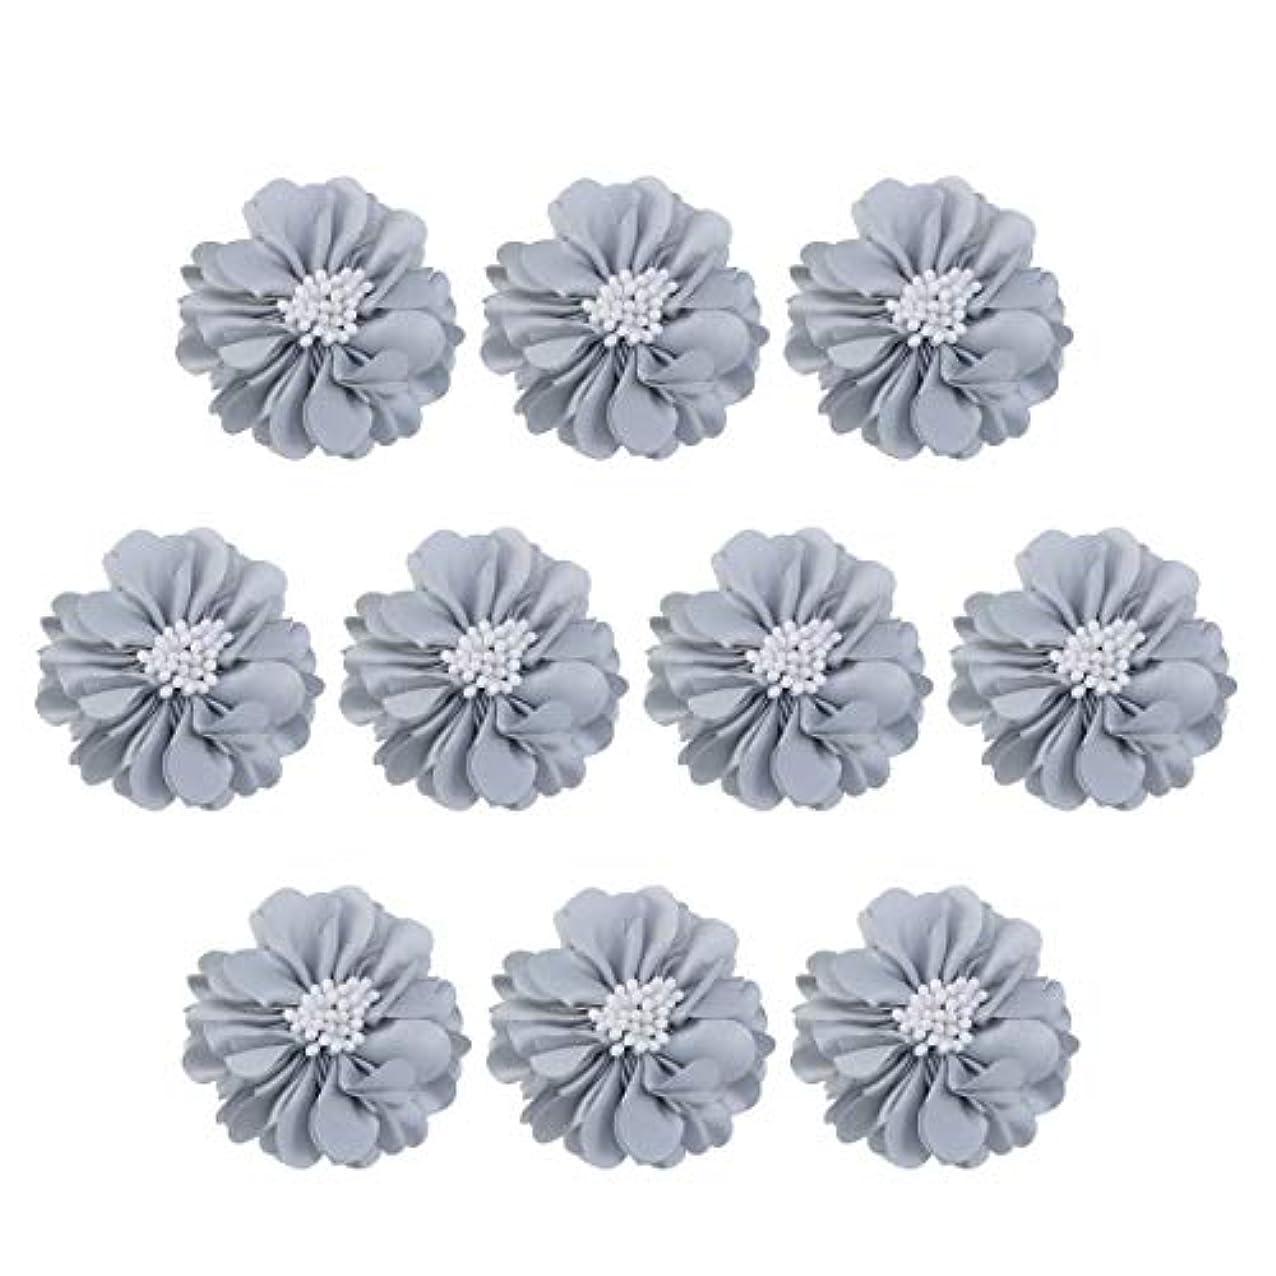 現象不明瞭ワイヤーVosarea 10個装飾シフォン花平底美しいDIY手作りぼろぼろの花のヘアクリップヘアアクセサリー(ブルー)